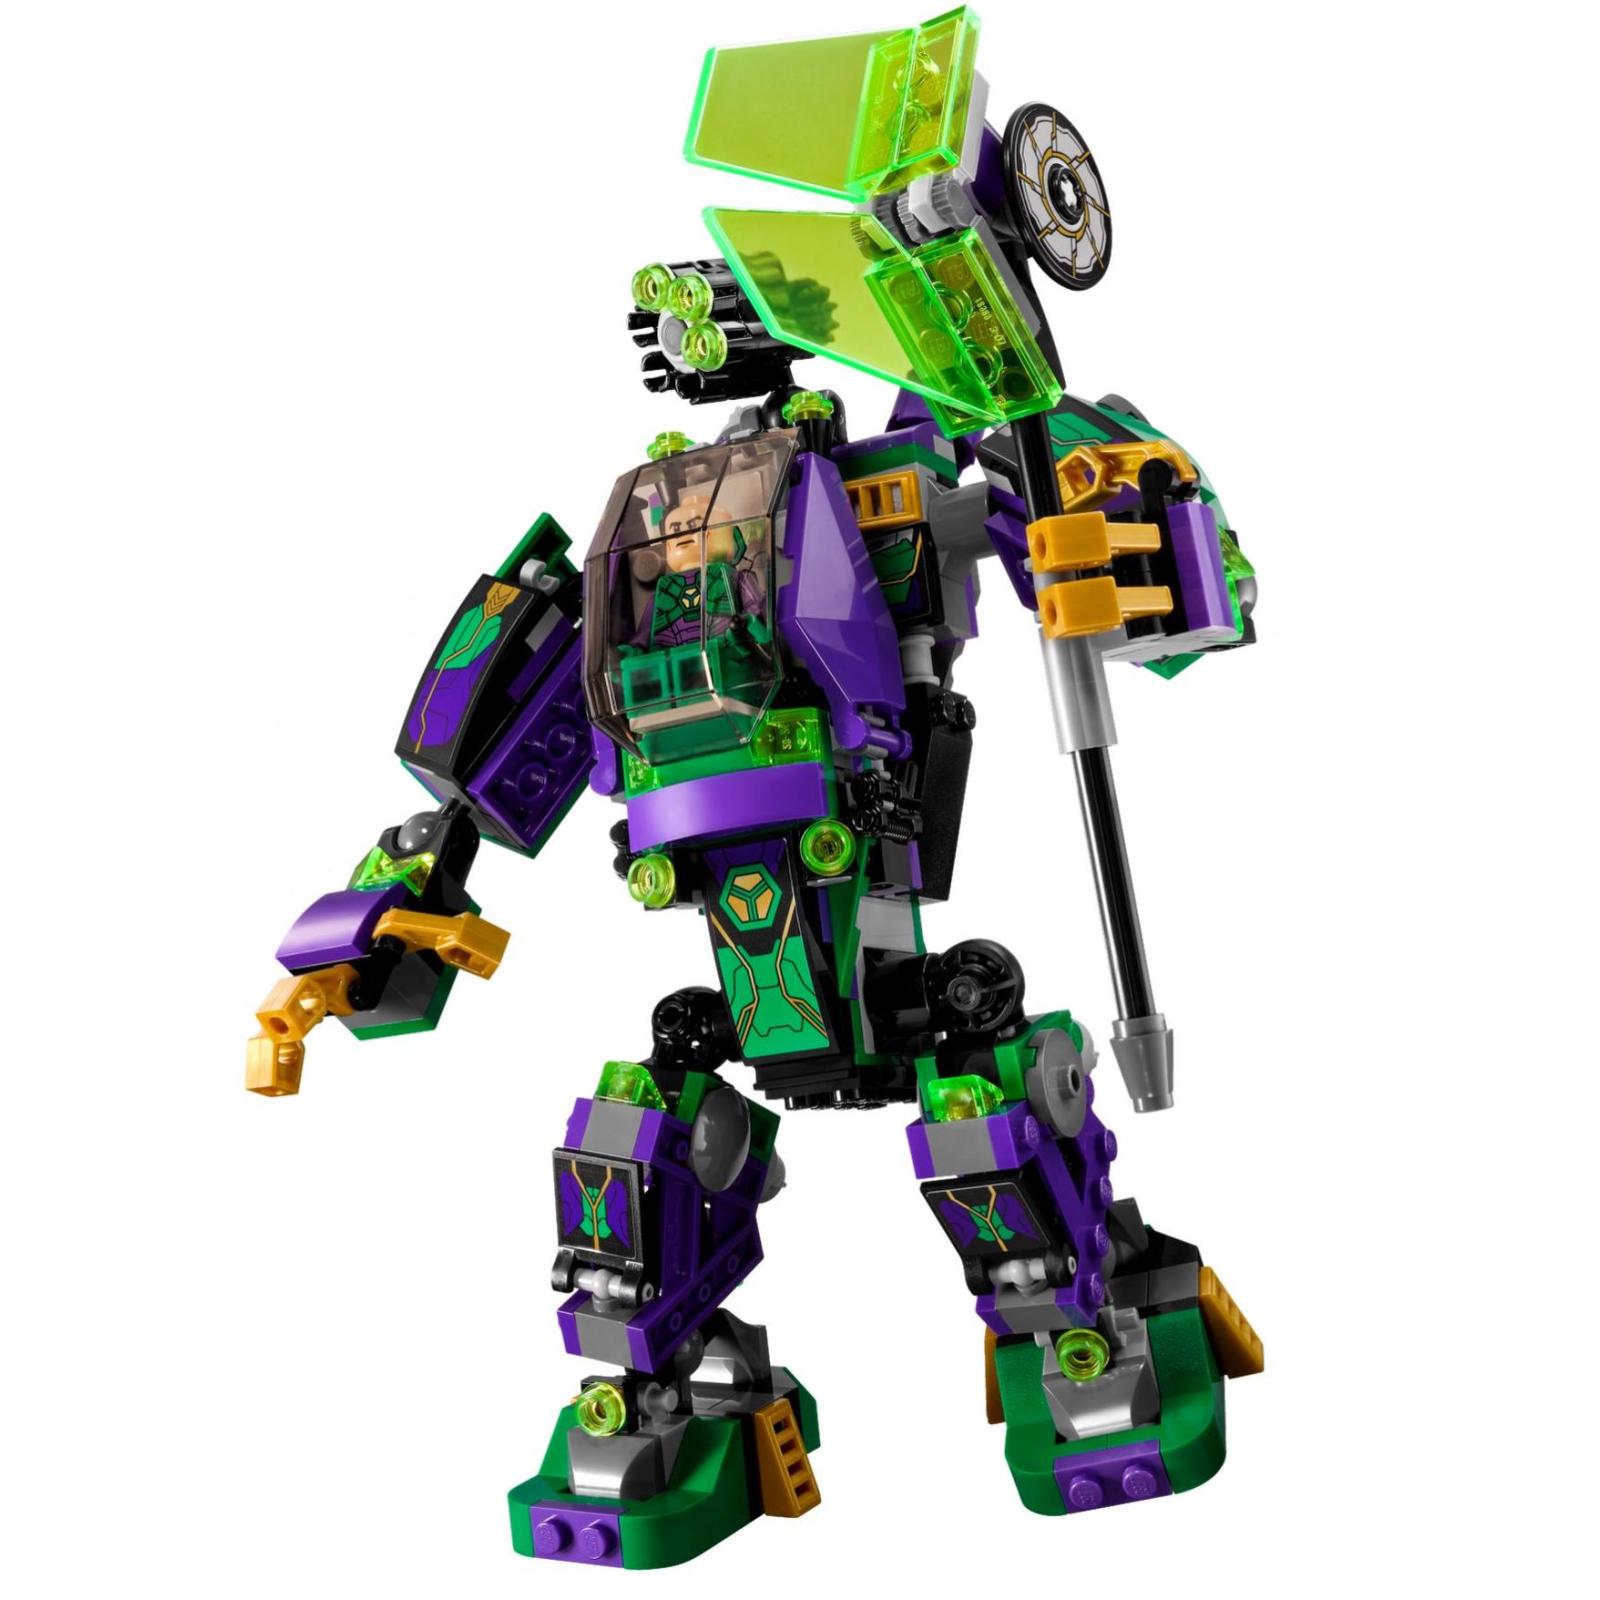 Конструктор LEGO Super Heroes Робоштурм Лекс Лютор (76097) изображение 3